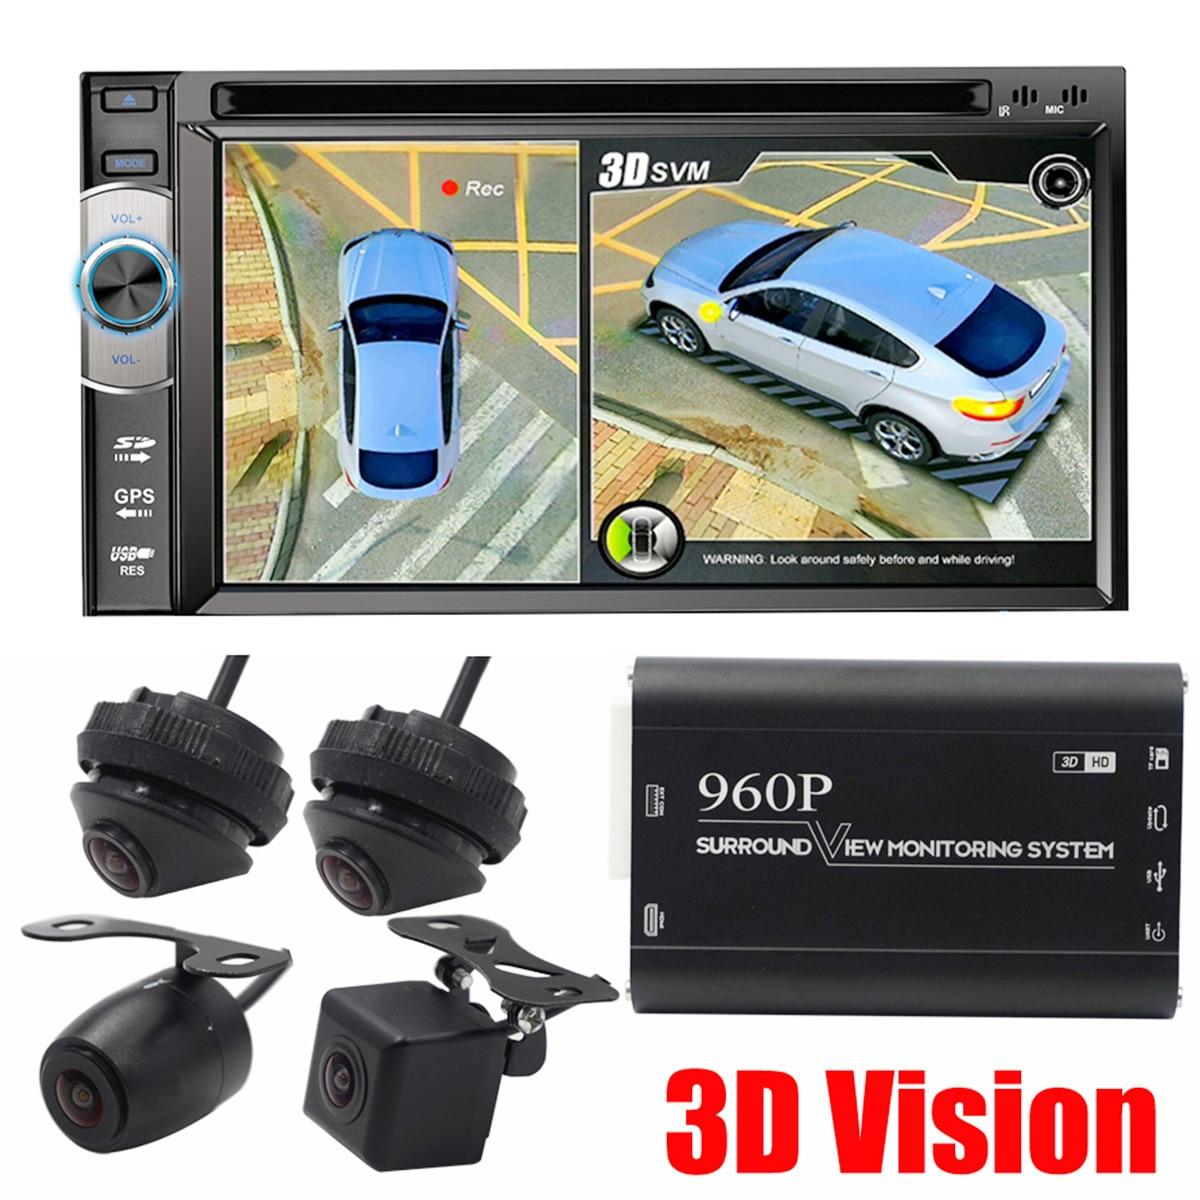 3d hd surround view sistema de monitoramento 360 graus condução vista pássaro panorama câmeras do carro 4-ch dvr gravador apoio sd atualização